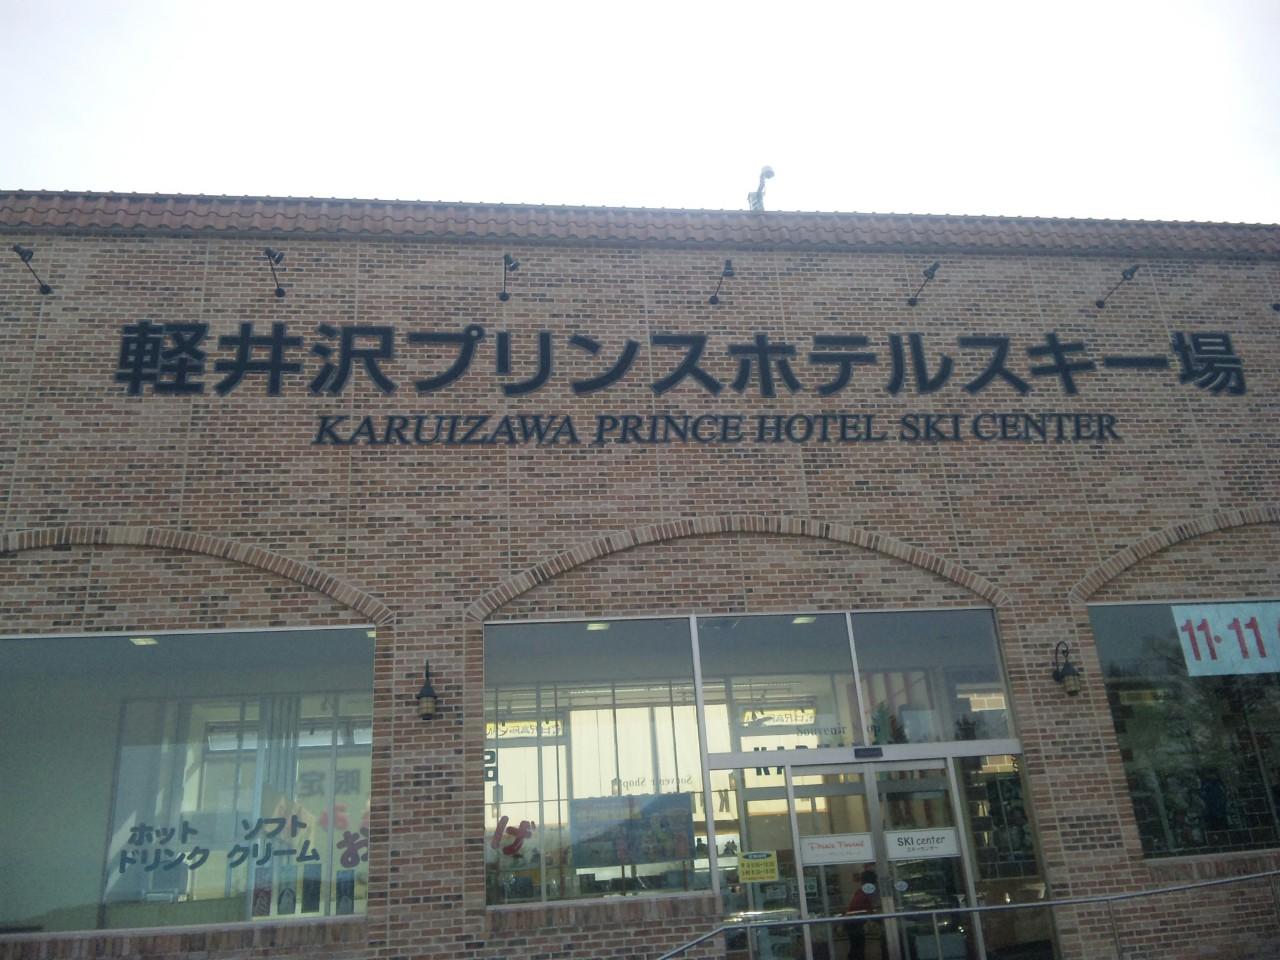 軽井沢プリンス